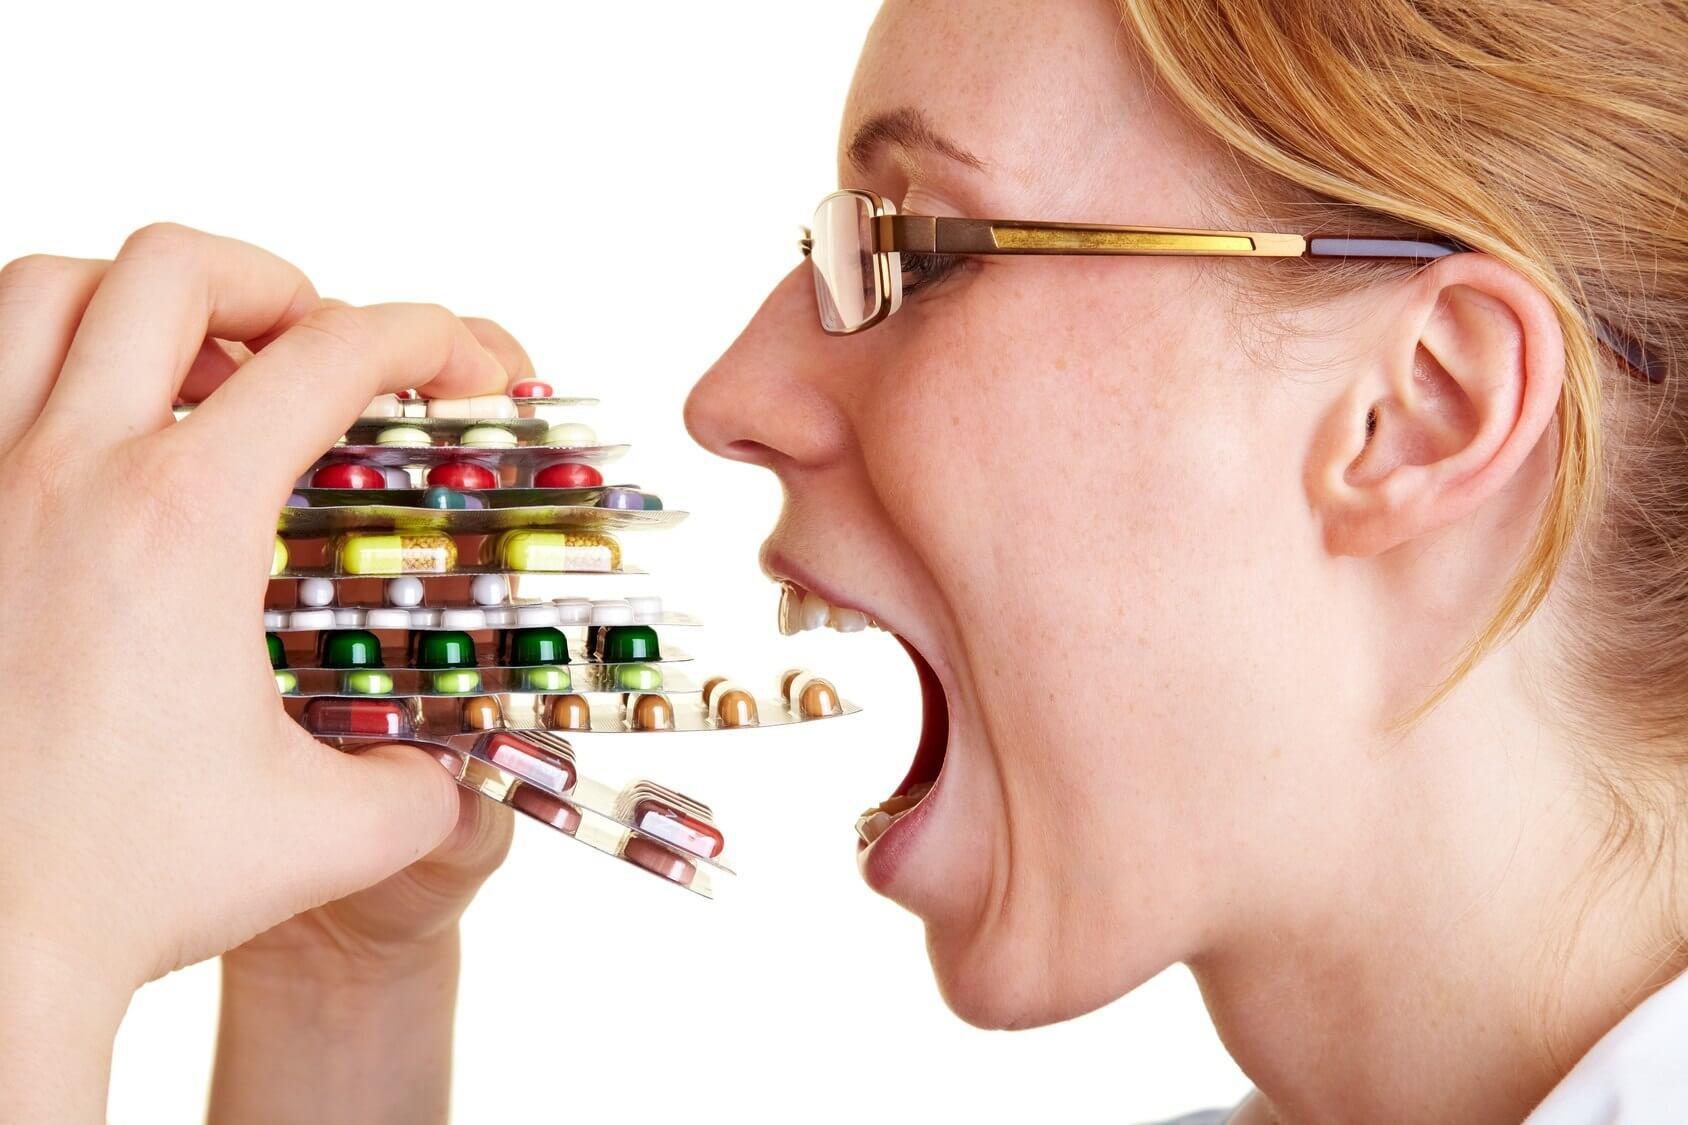 Самые эффективные антибиотики при стафилококковой инфекции